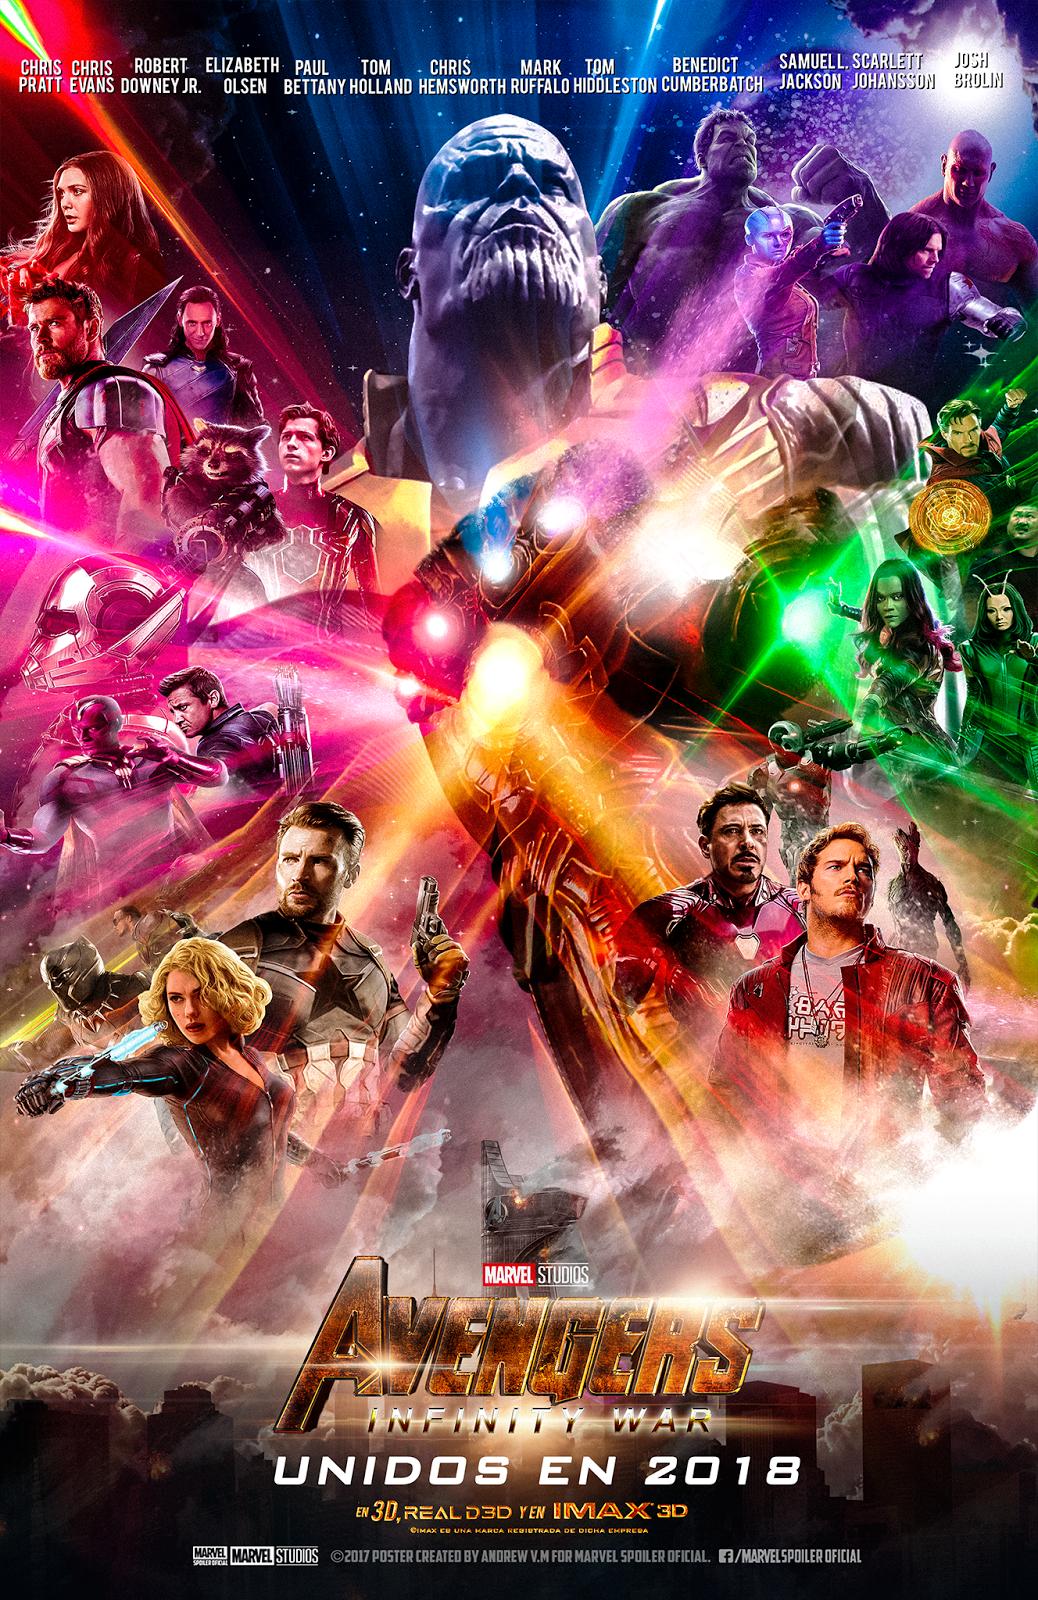 Avengers Infinity War Teaser Poster 2 | Marvel | Marvel